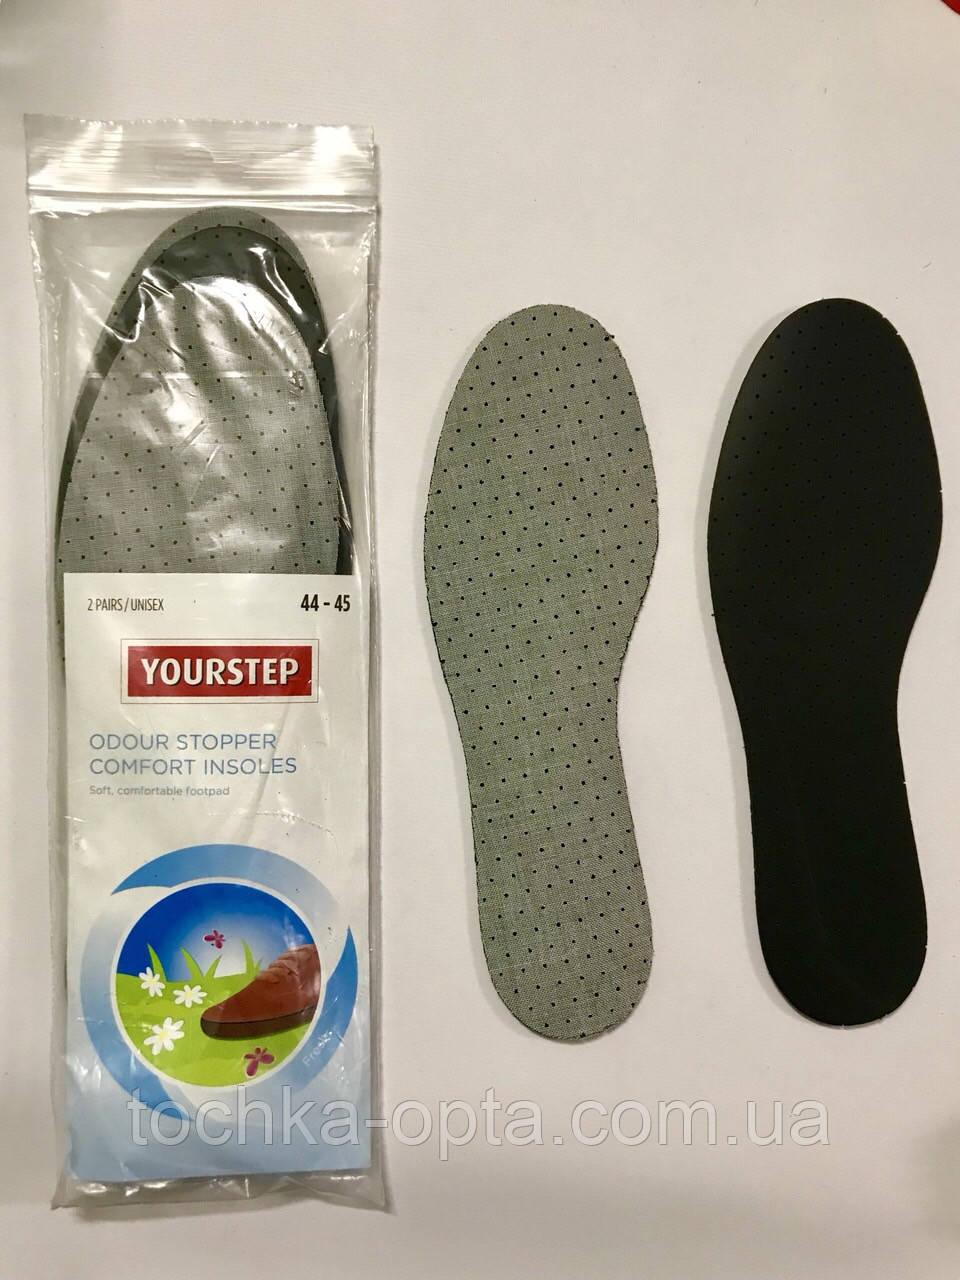 Стельки для обуви YOUSTEP перфорированные дышащие 2 пары в упаковке 44-45